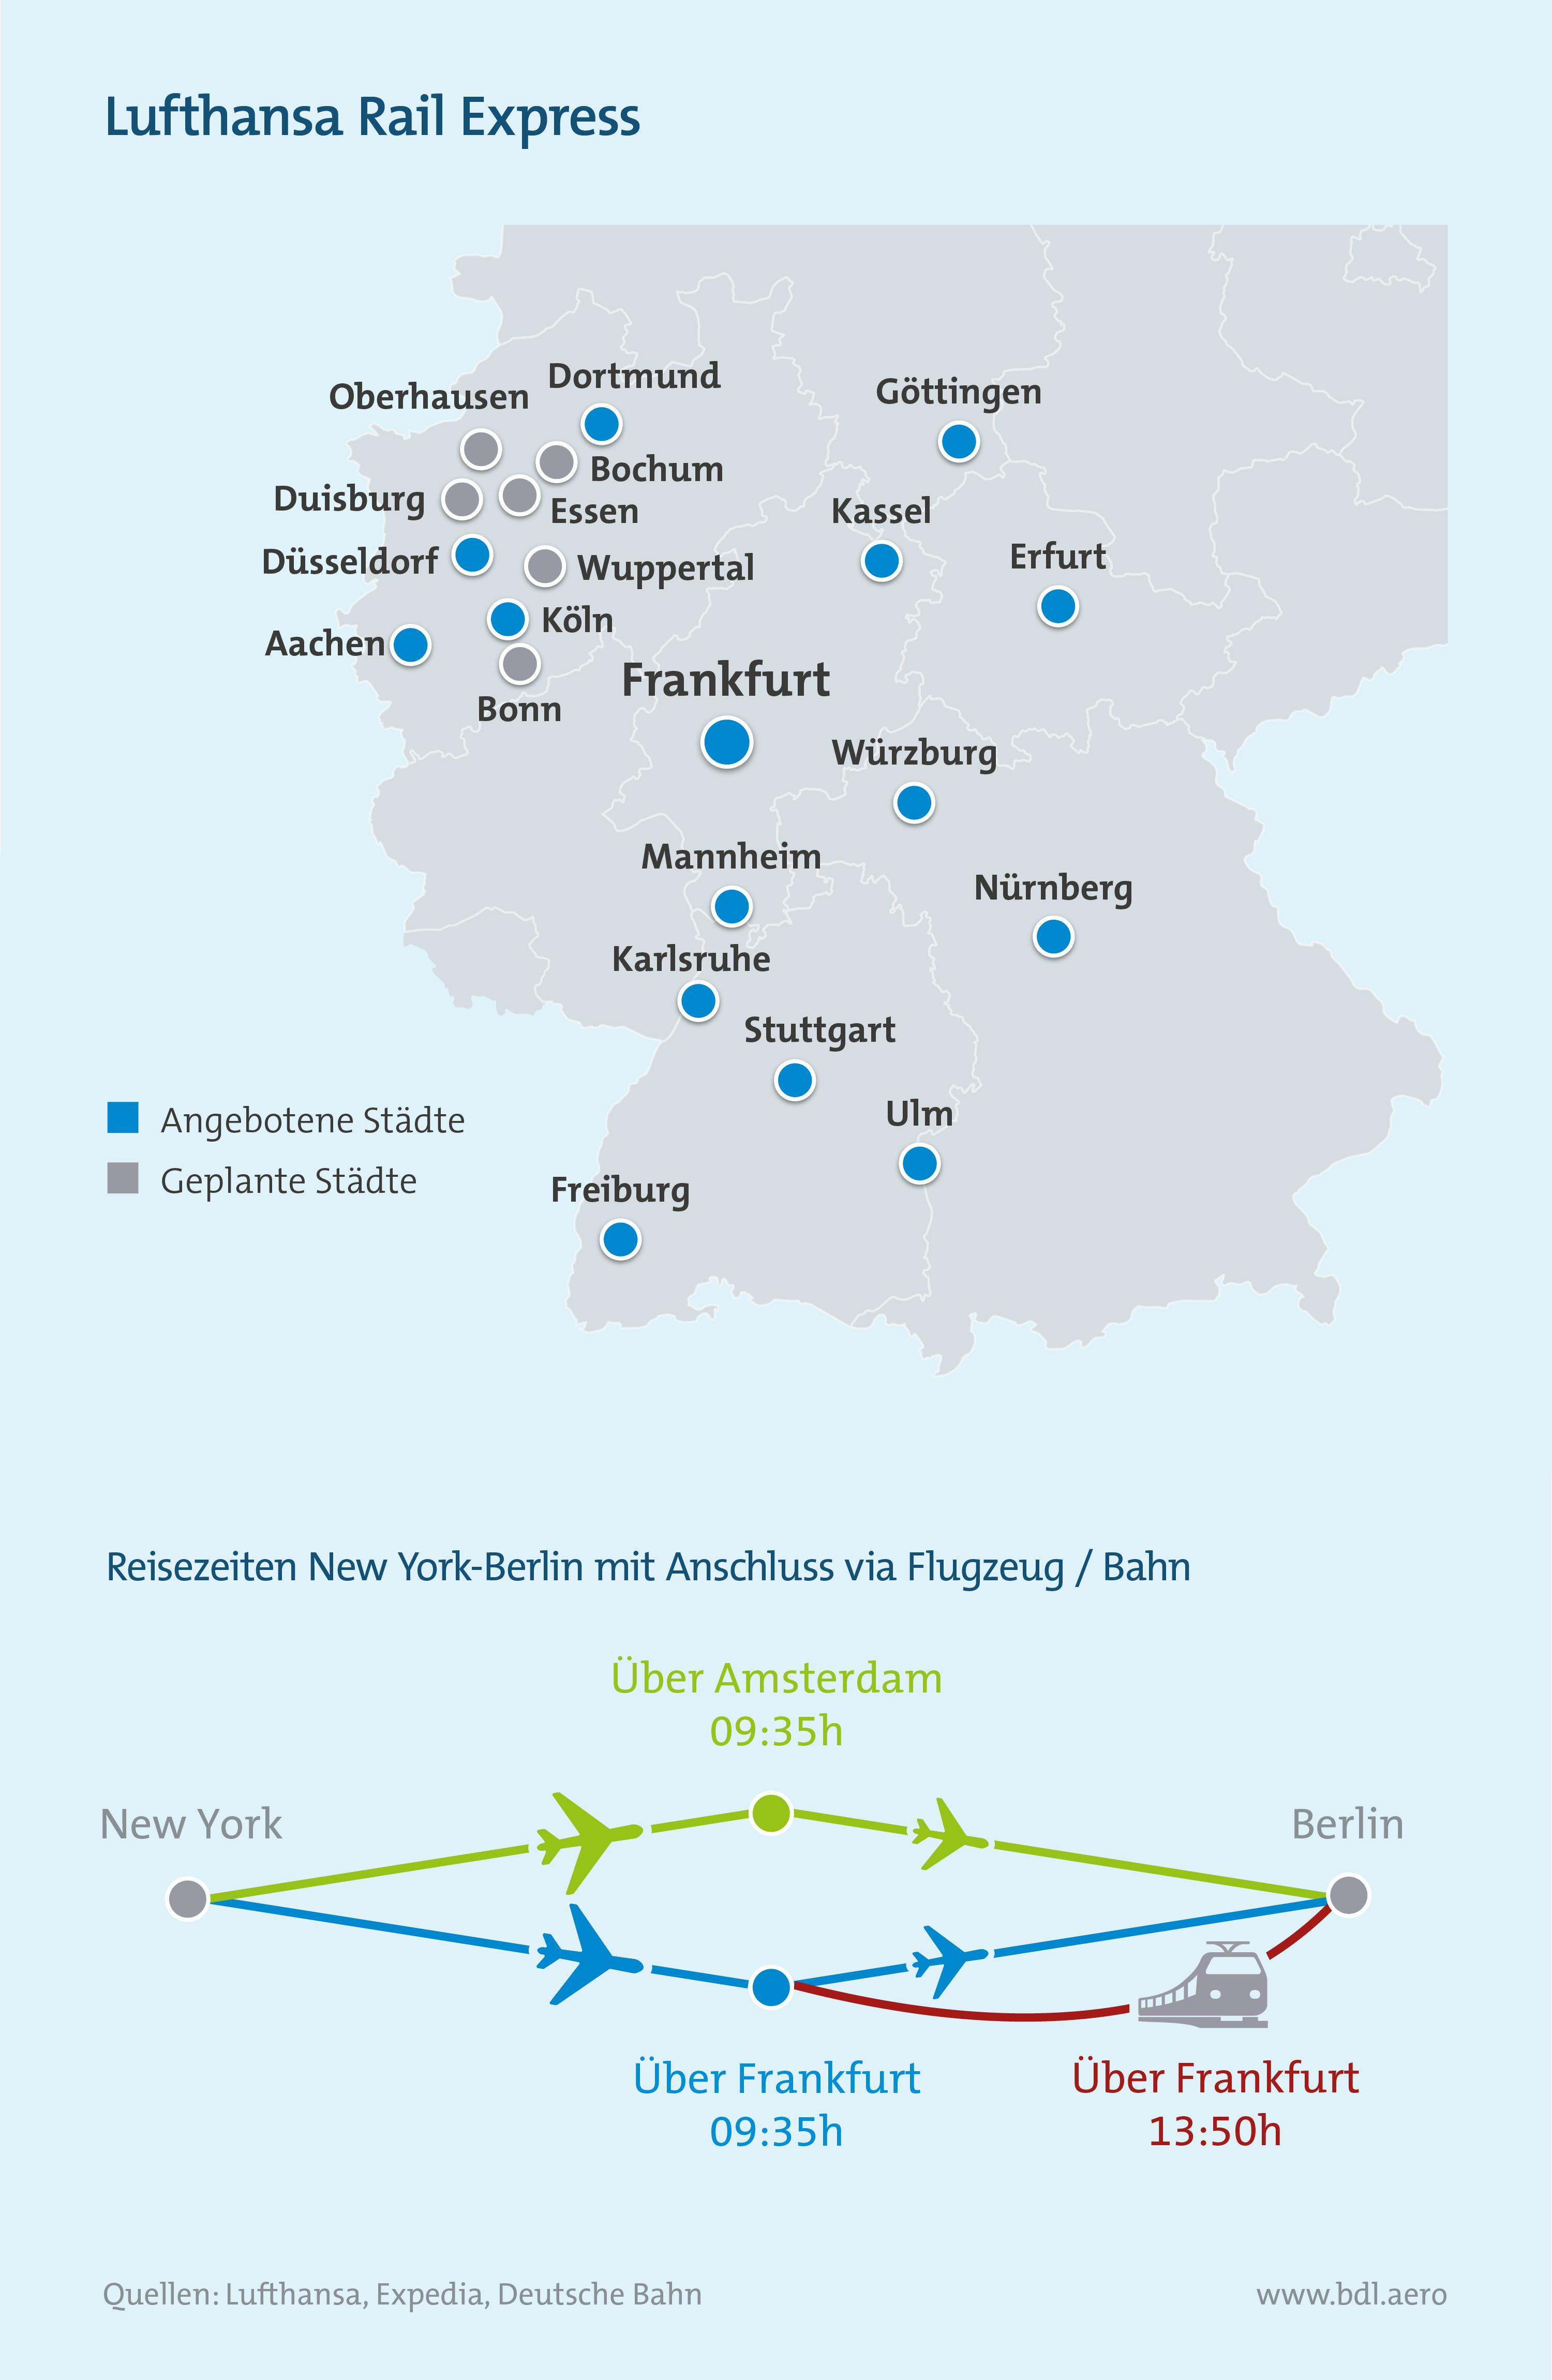 Angebotene Städte Lufthansa Rail Express